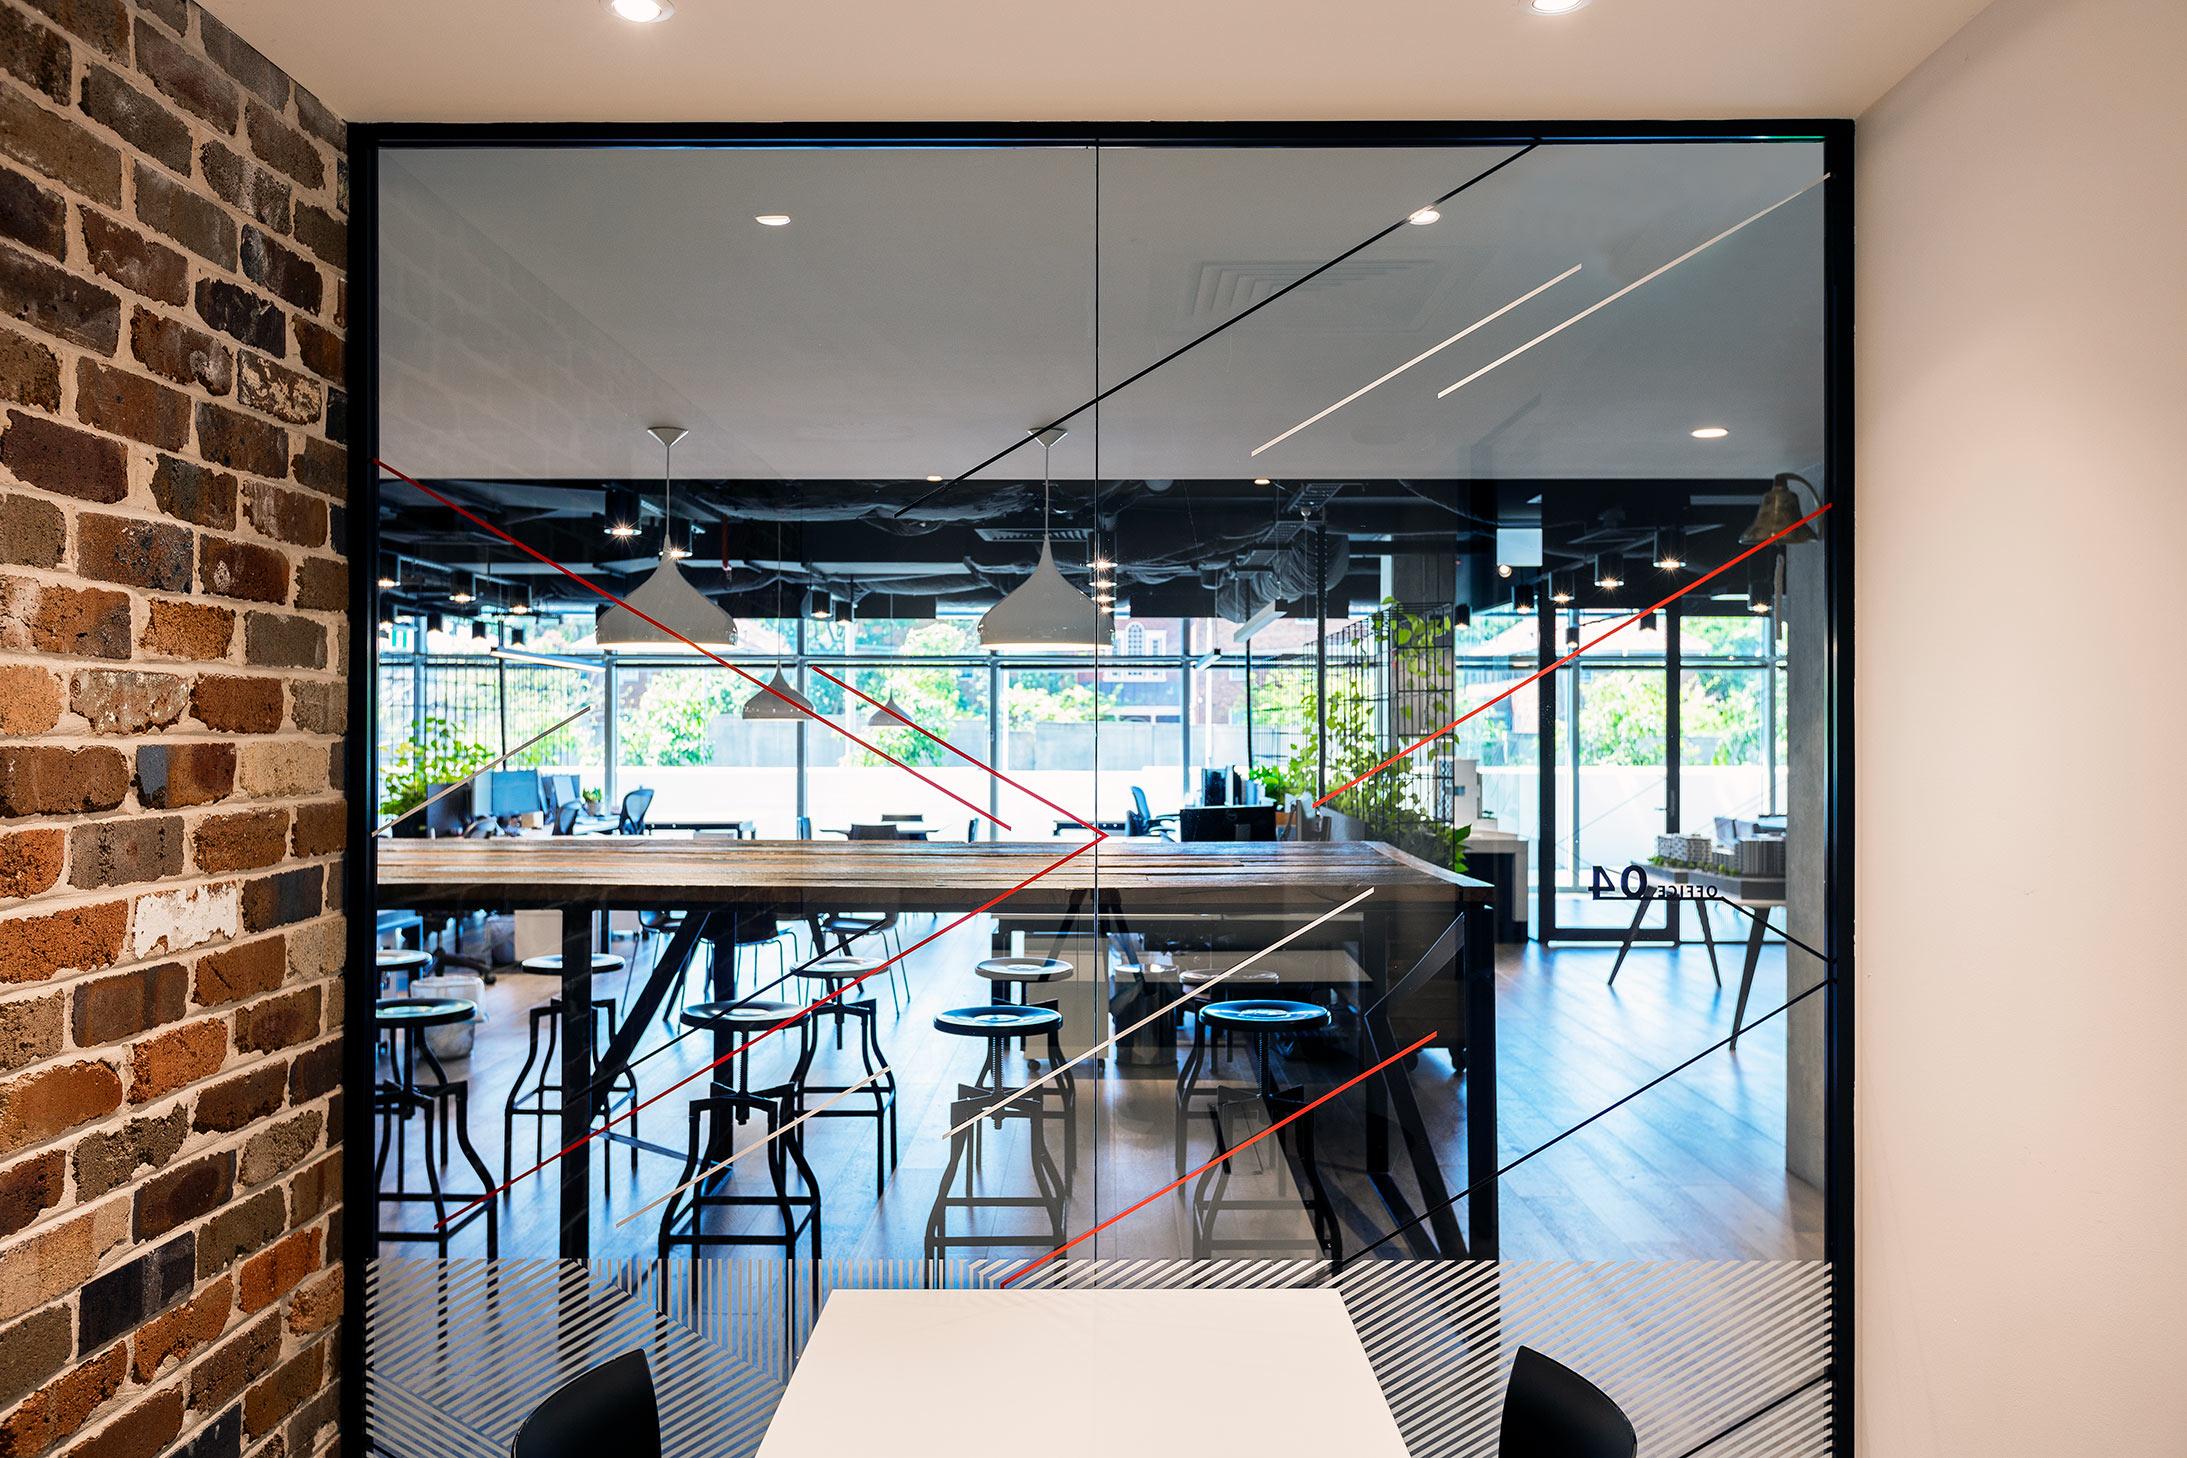 泽特兰新南威尔士LINK总部办公室环境图形设计 © turnerstudio